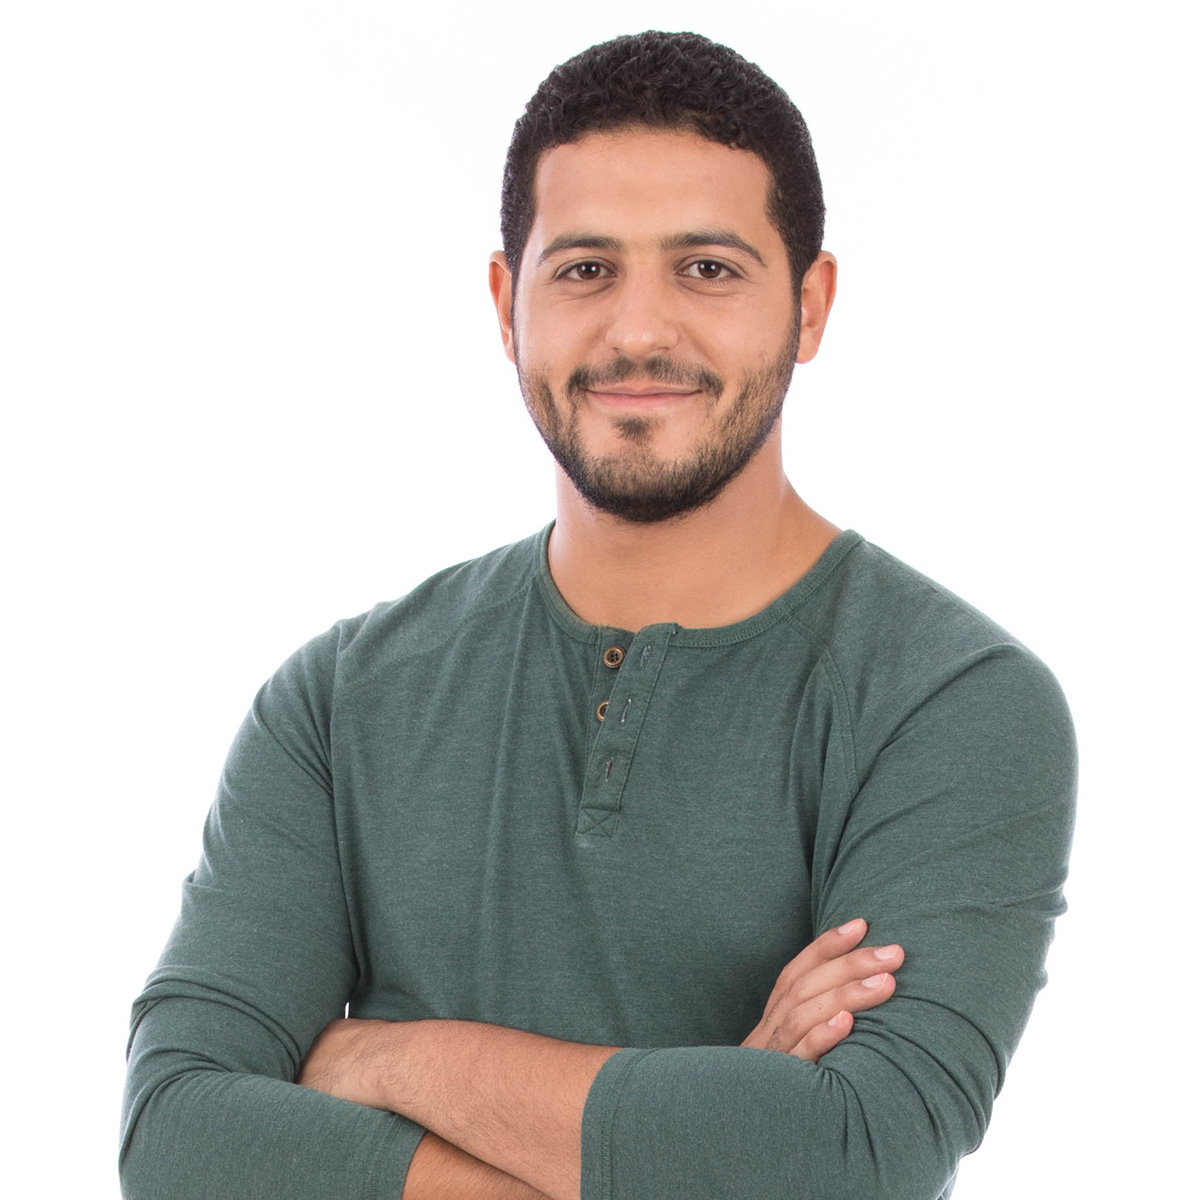 Adrian Fallas